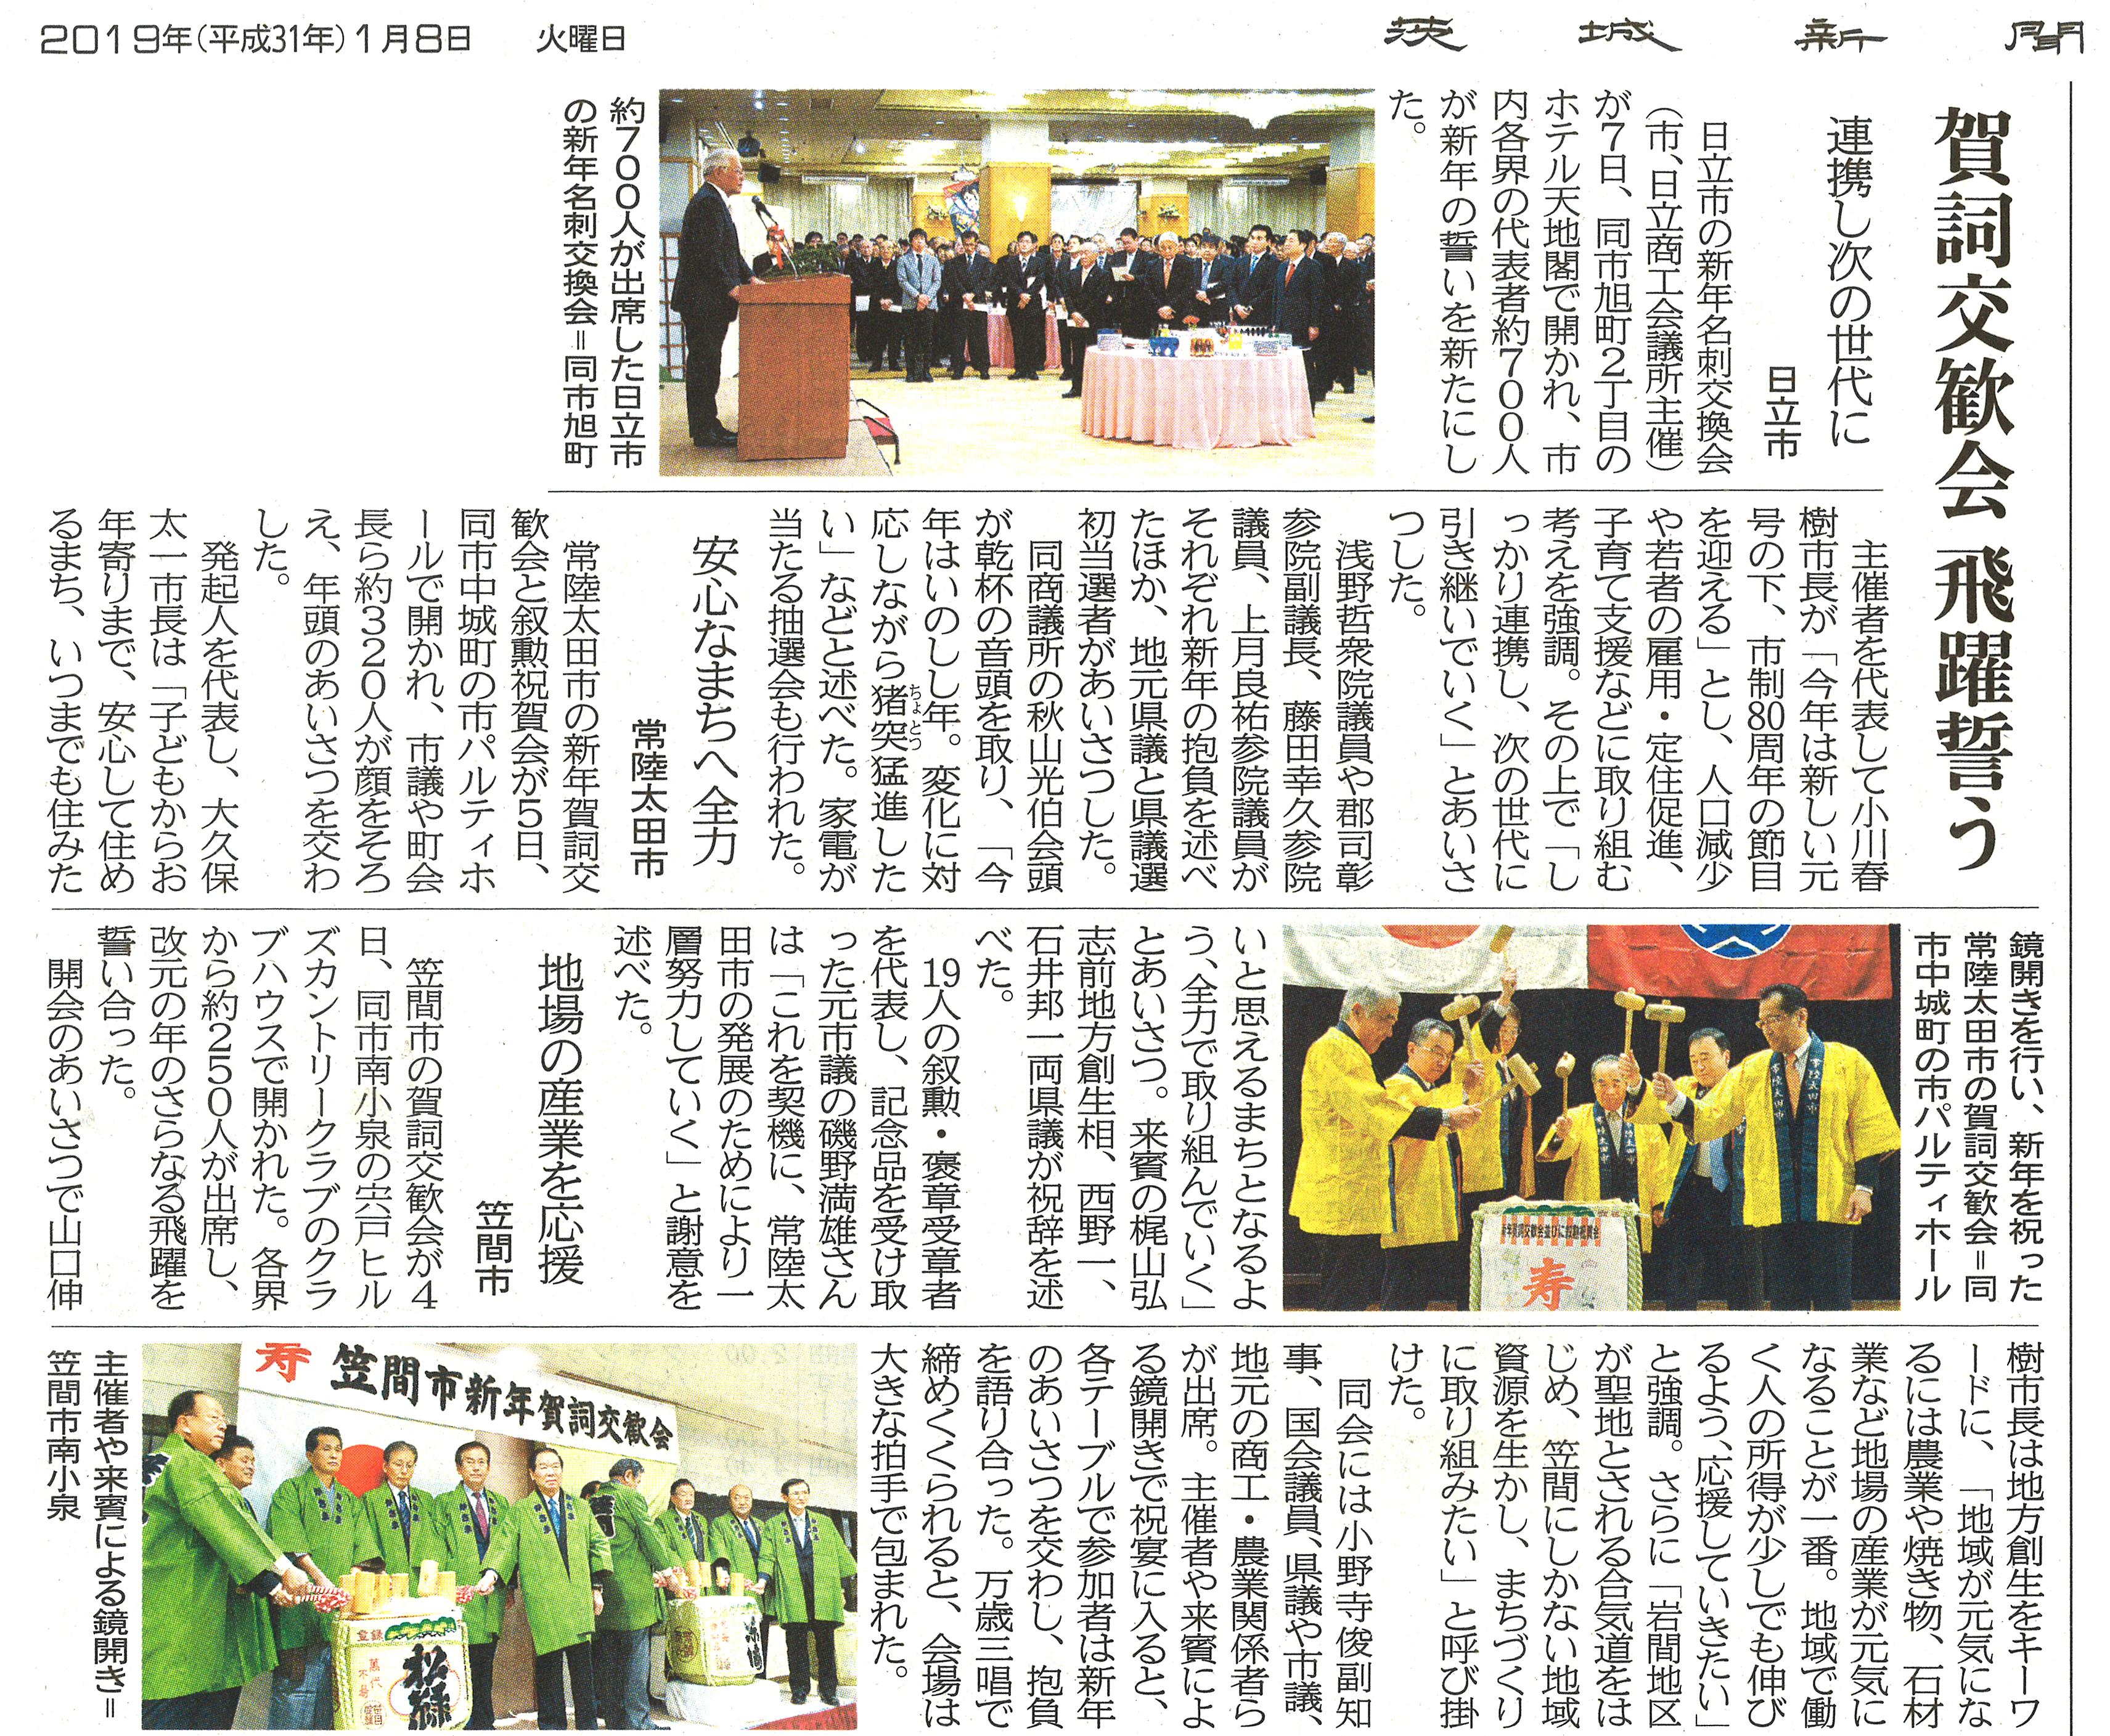 【茨城新聞】賀詞交歓会 飛躍誓う(日立市、常陸太田市、笠間市)